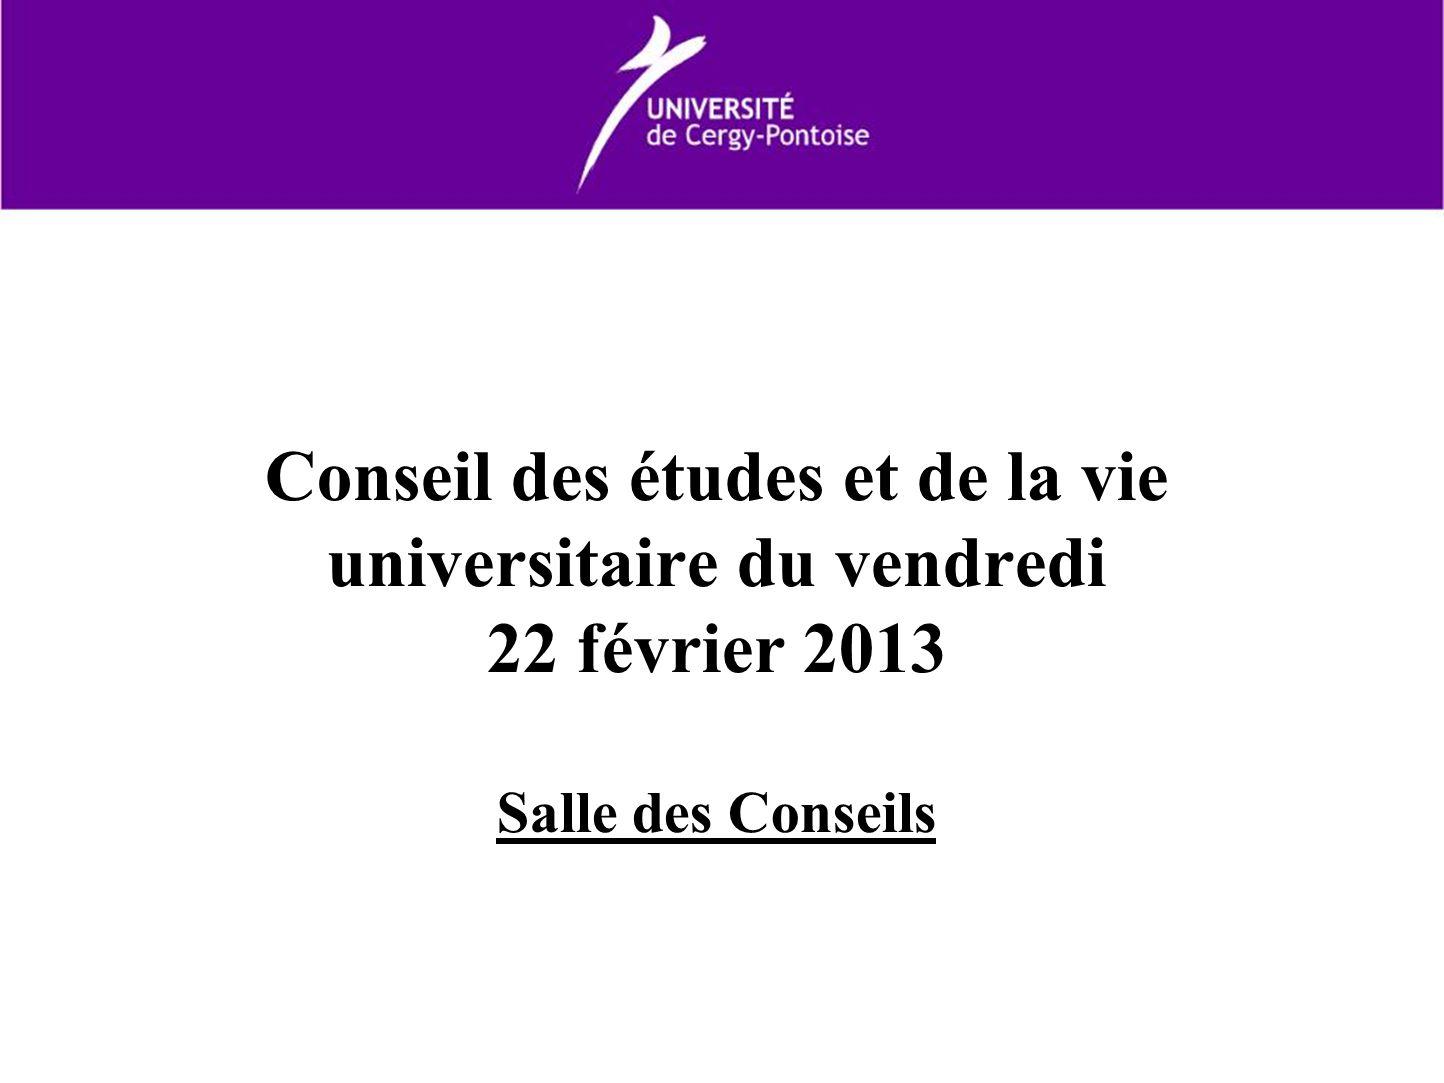 Conseil des études et de la vie universitaire du 22 février 2013 1).